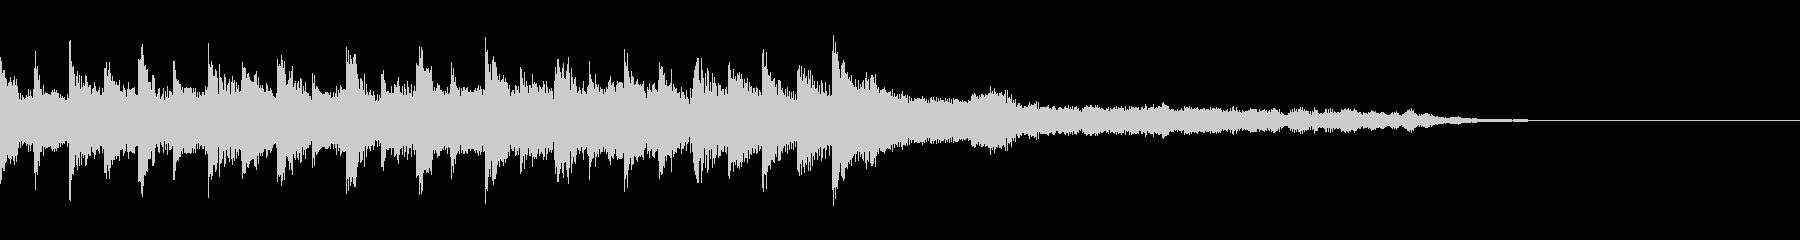 ベルのシンプルな曲・4小節の未再生の波形